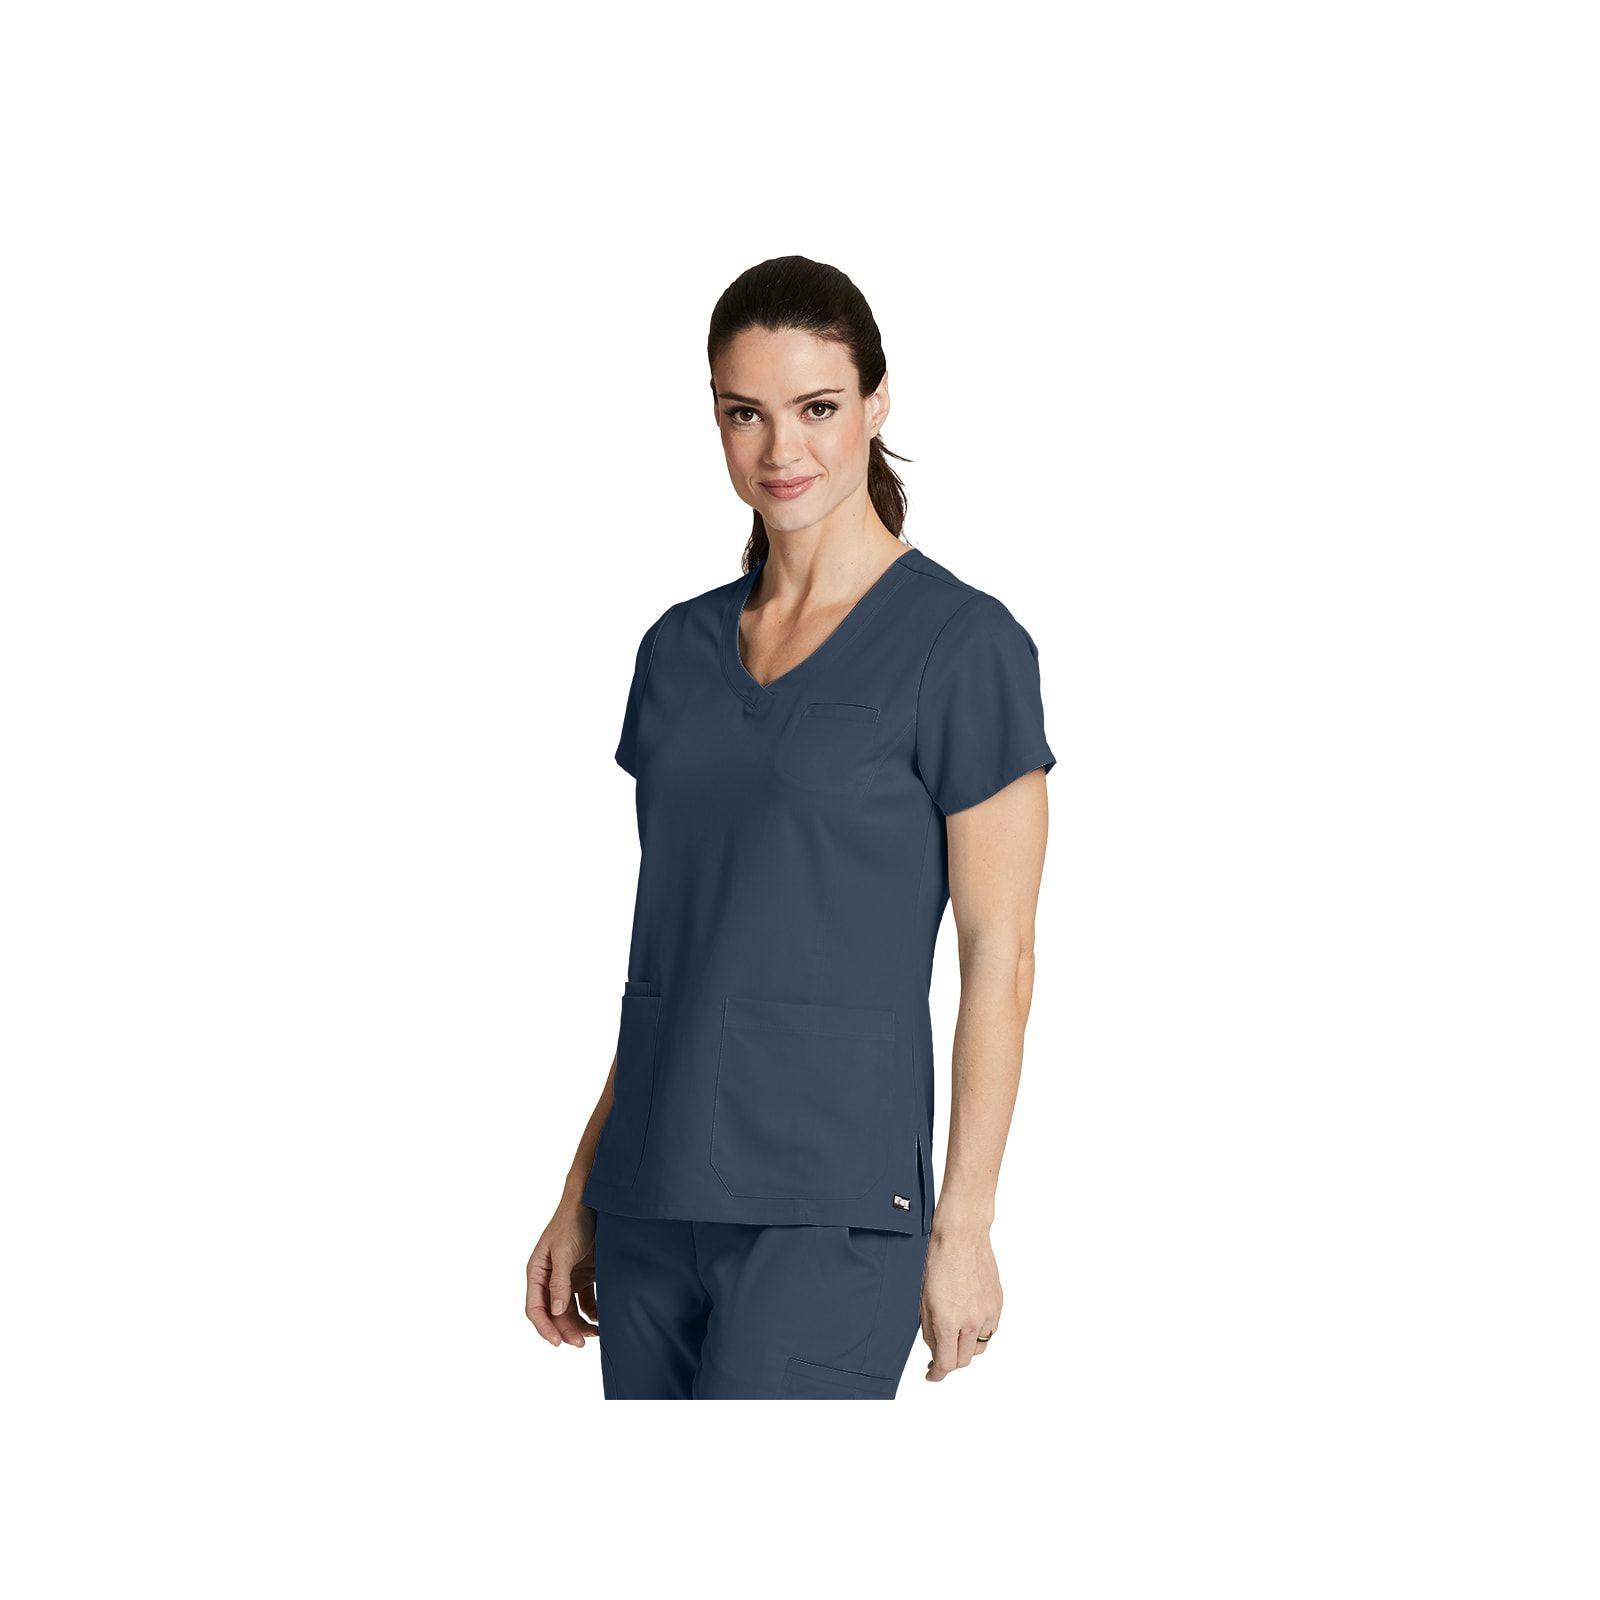 """Tunique médicale femme couleur gris anthracite, vue de face """"Grey's Anatomy"""", Barco (41460-)"""